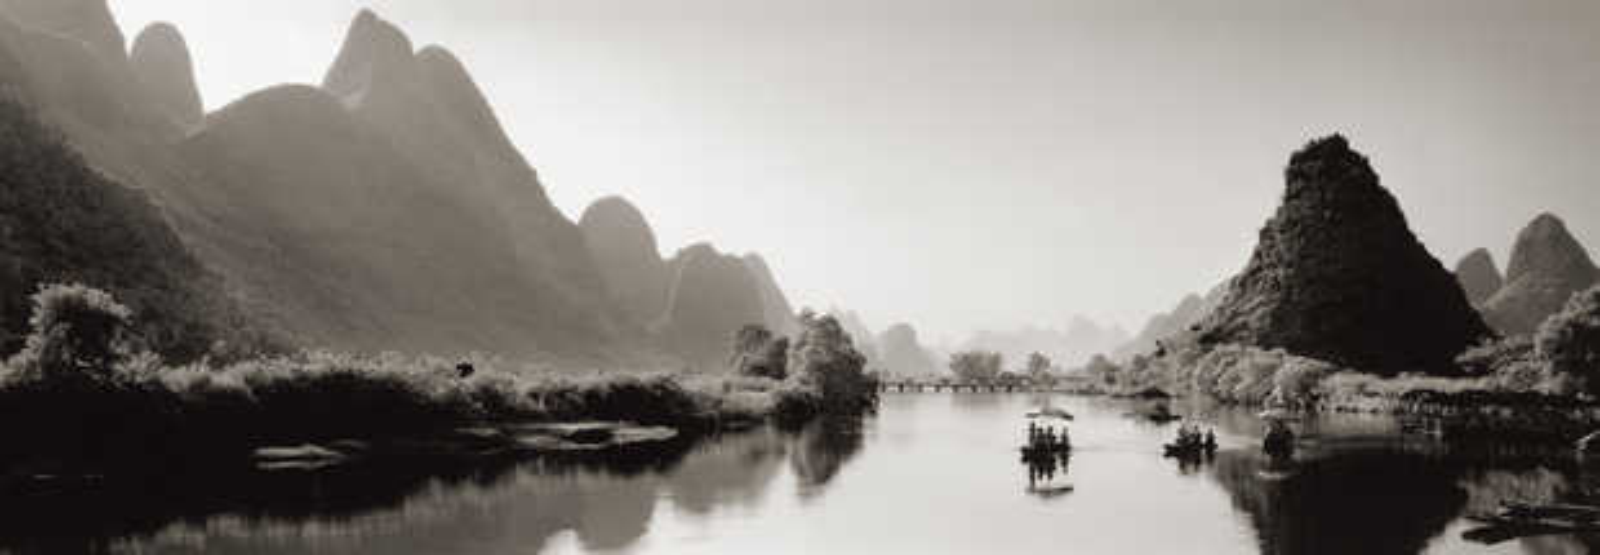 Yangshuo, China - Helmut Hirler